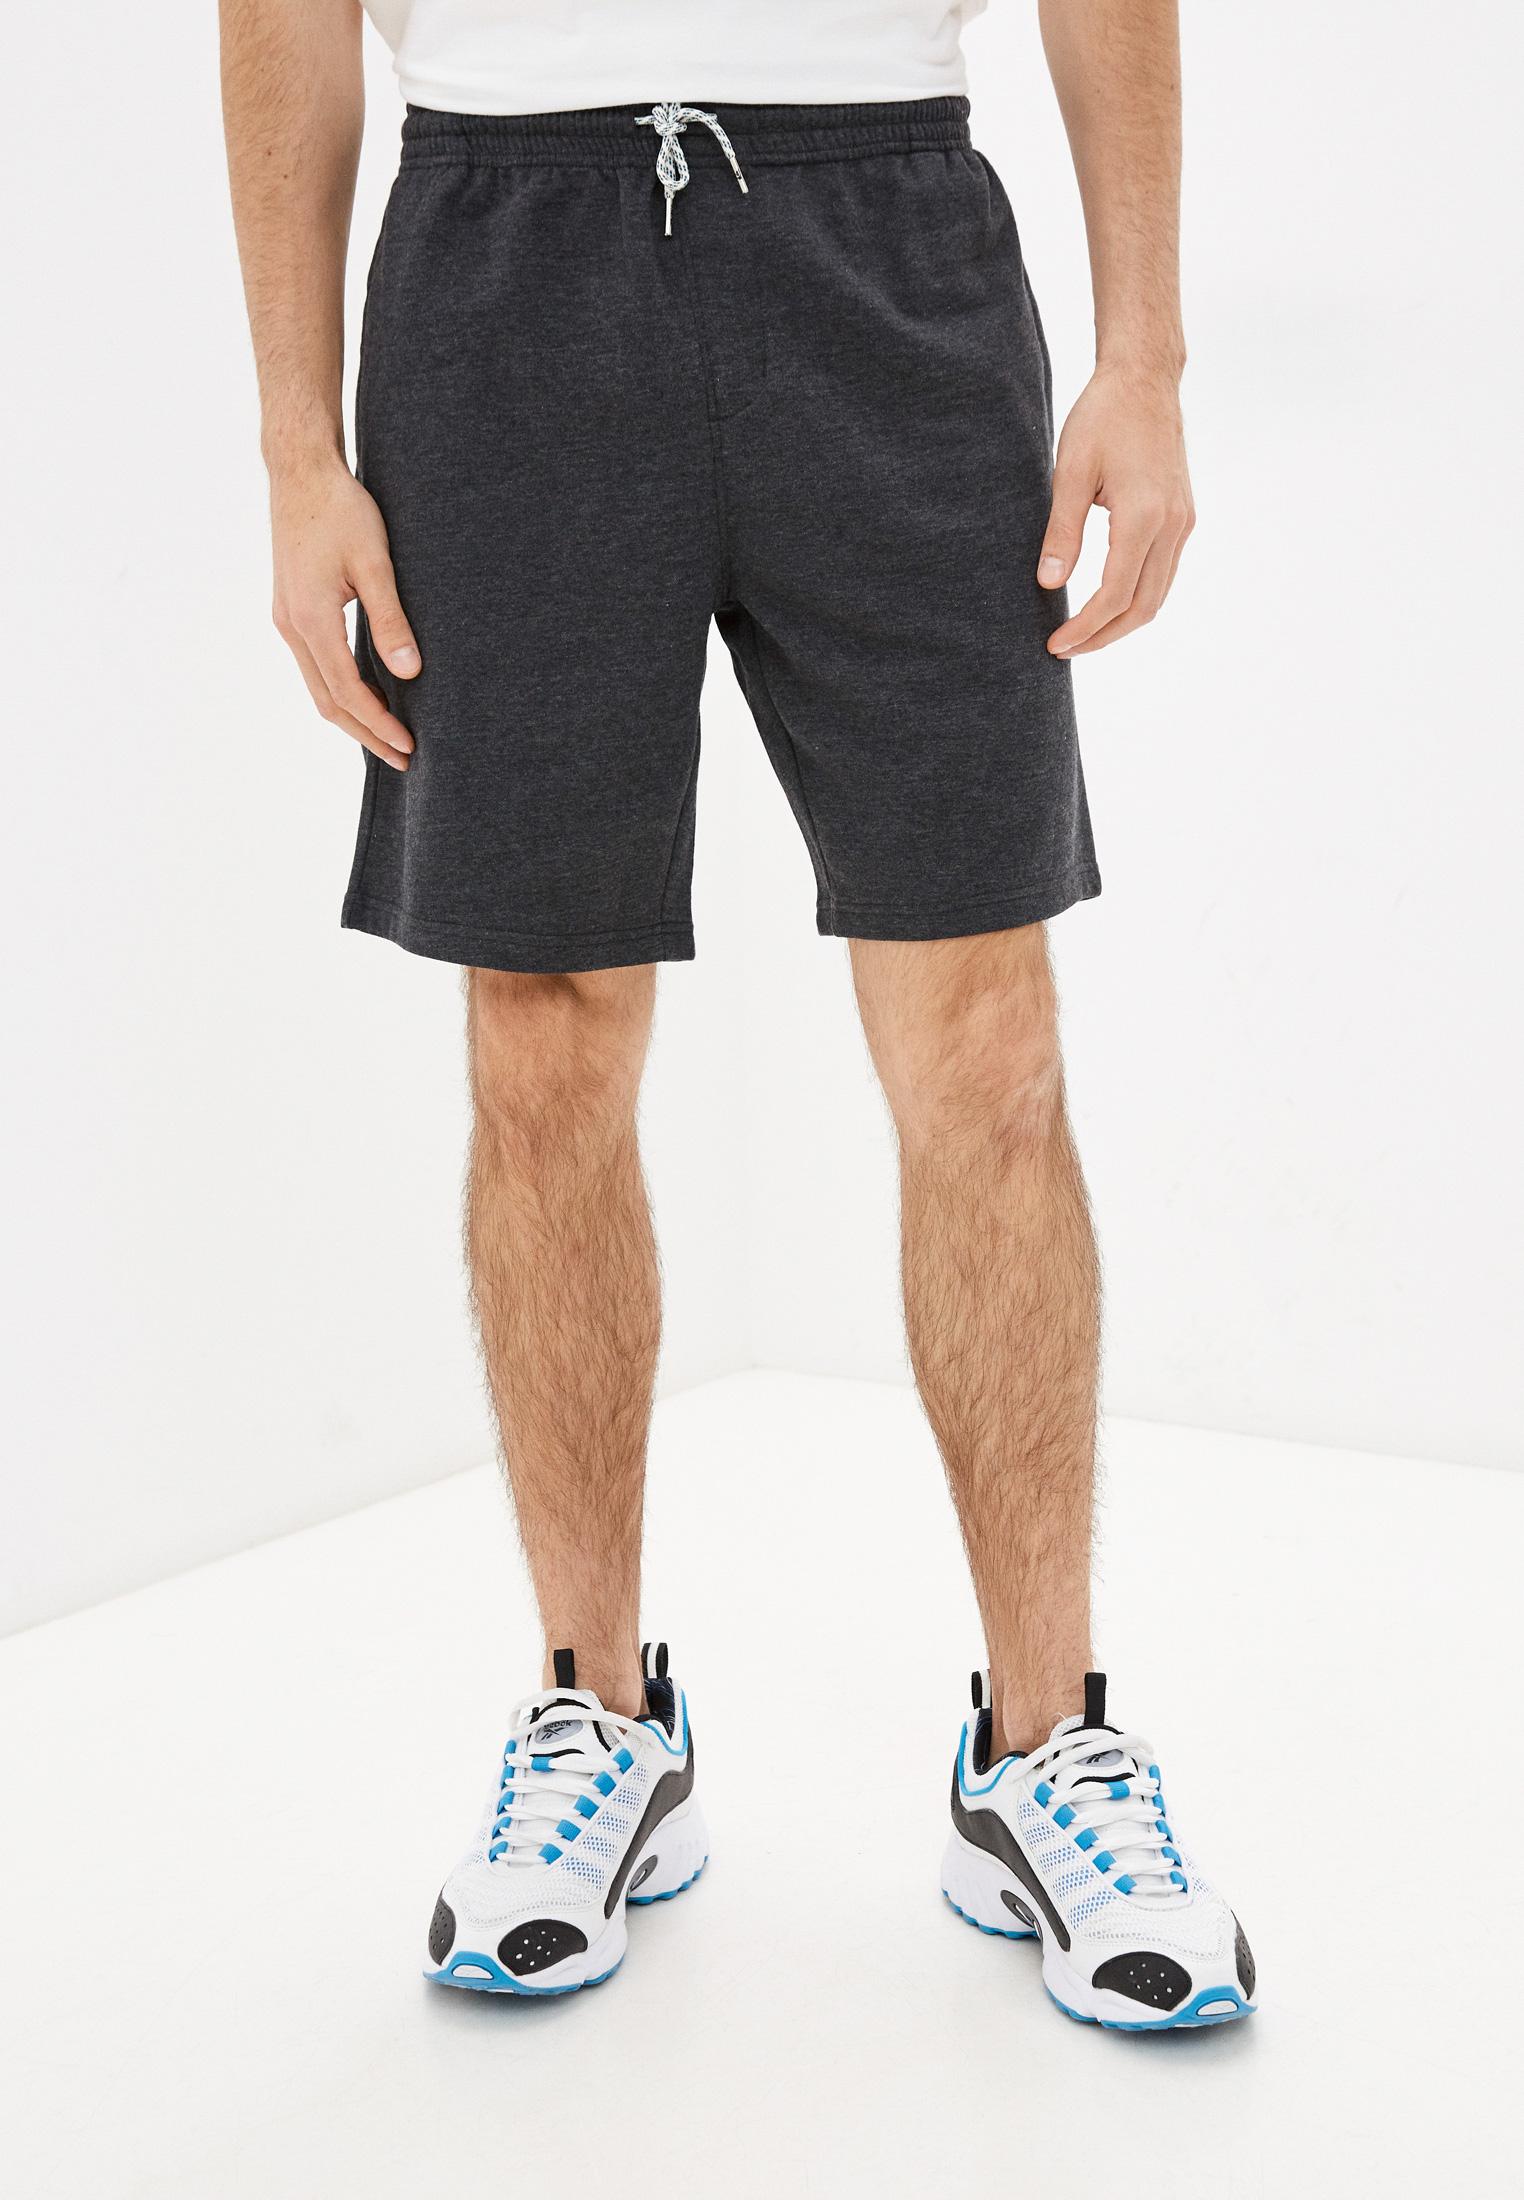 Мужские спортивные шорты Quiksilver (Квиксильвер) Шорты спортивные Quiksilver